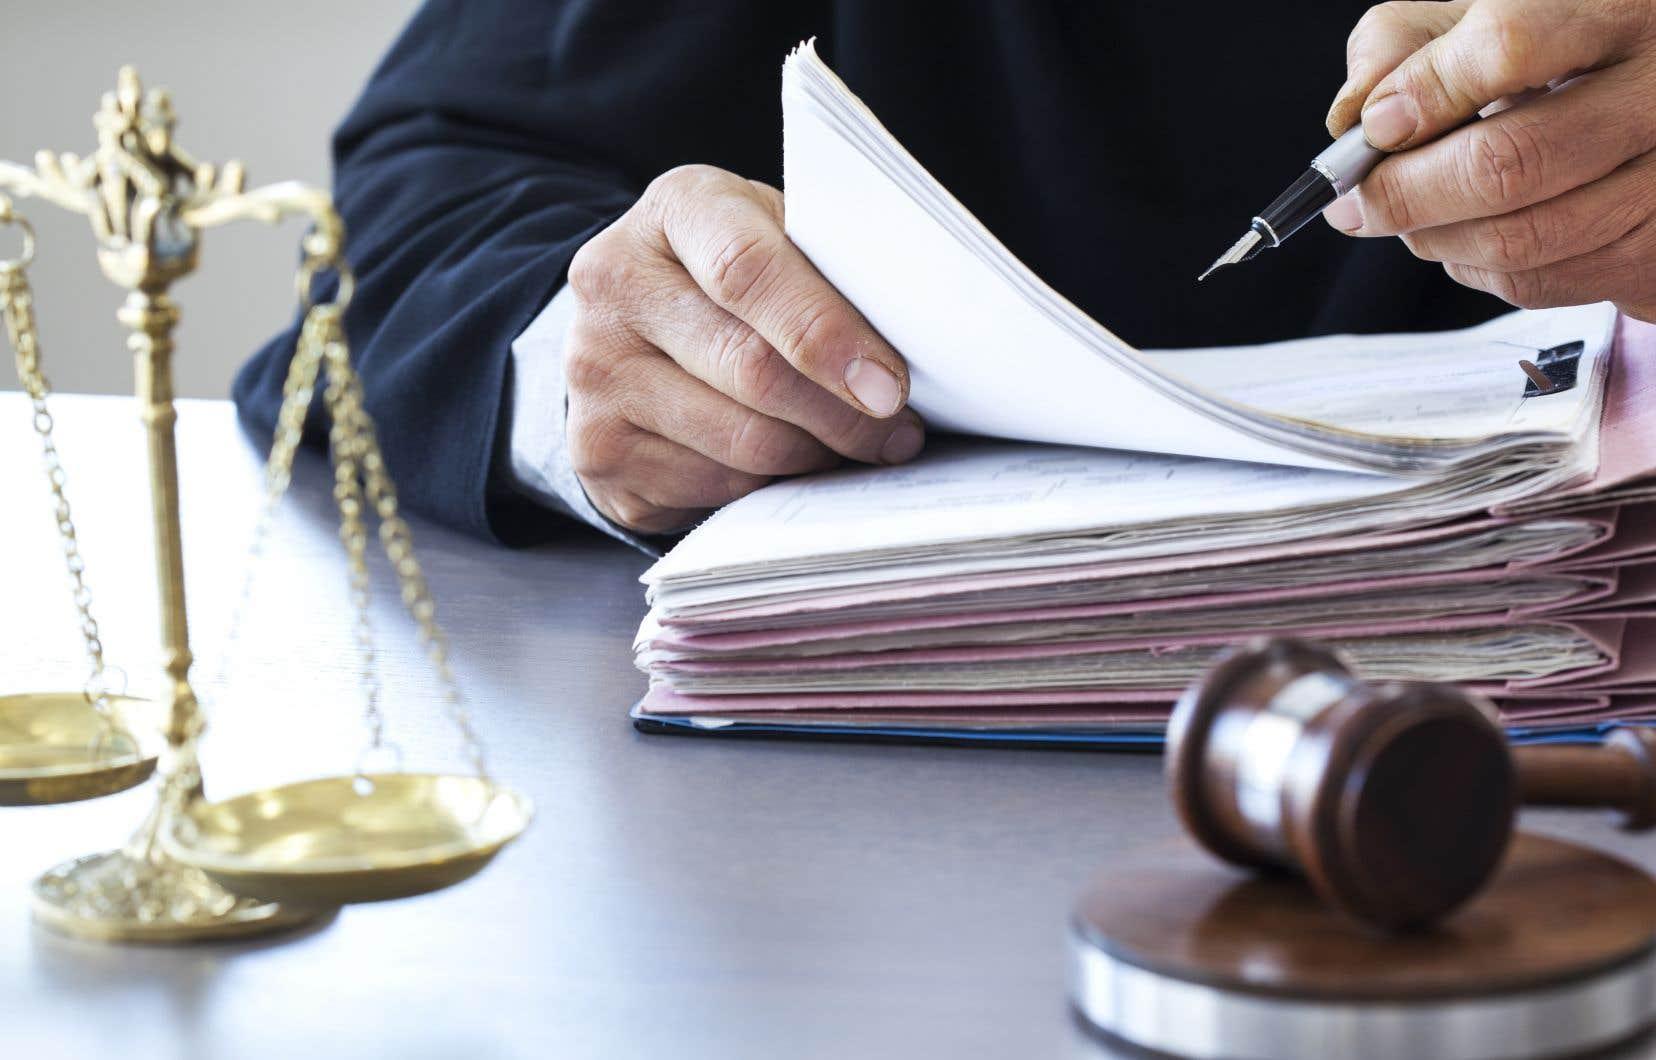 <p>À l'heure actuelle, tout dossier de 85000$ et moins est jugé par la Cour du Québec. En diminuant ce seuil à 55000$, les juges de la Cour supérieure récupéreraient près de 3% de tous les dossiers civils de la Cour du Québec.</p>